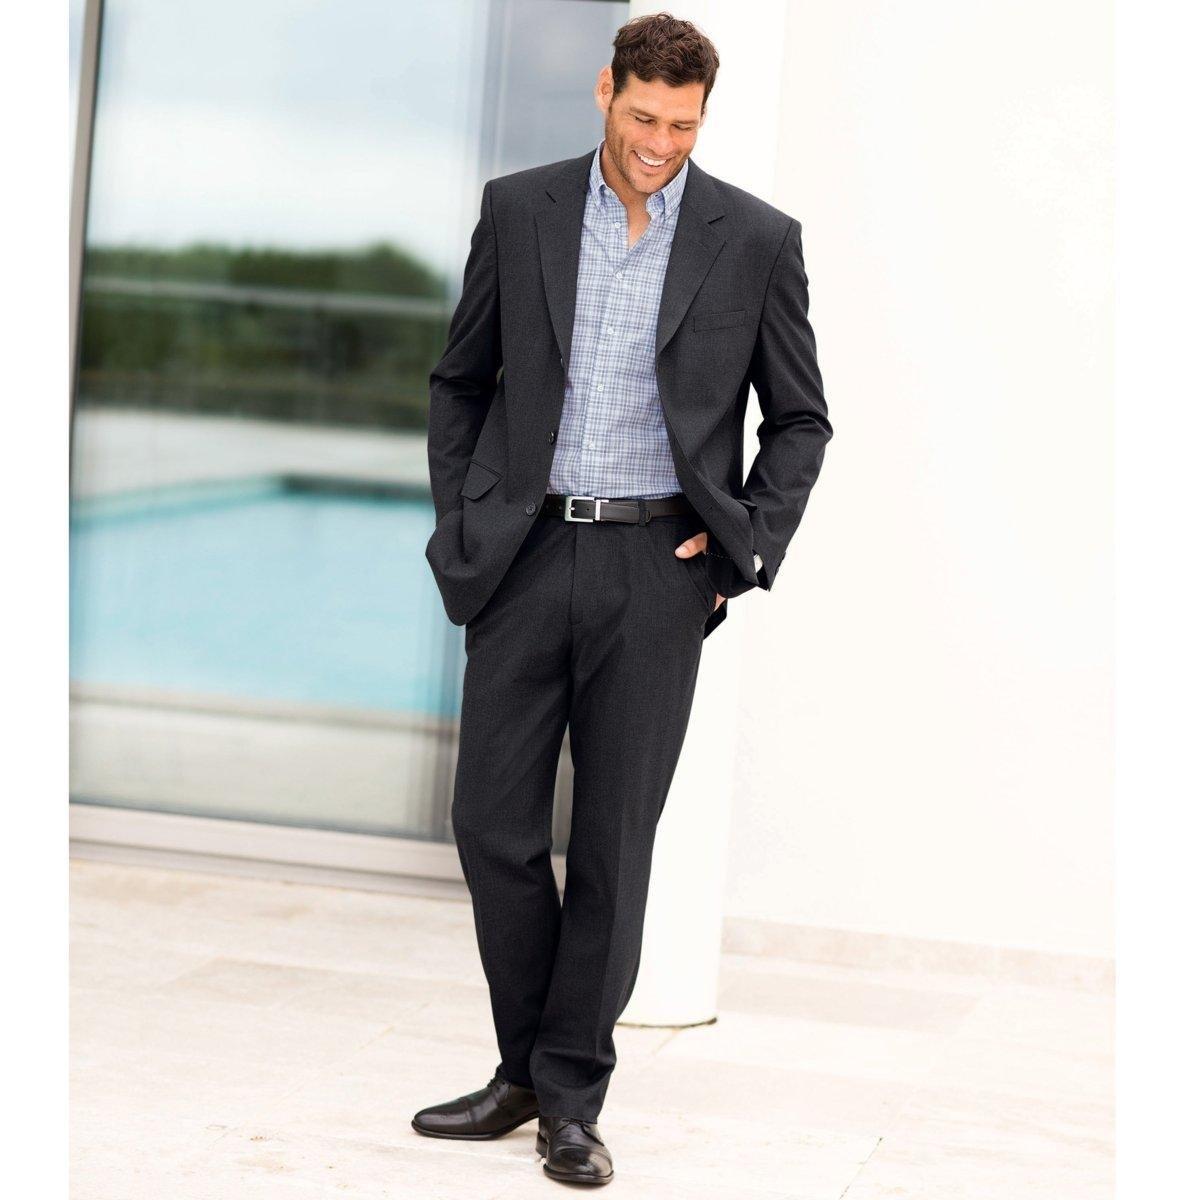 Брюки от костюма без защипов из ткани стретч, длина.1Брюки от костюма без защипов, длина 1. Высококачественная эластичная ткань, 62% полиэстера, 33% вискозы, 5% эластана. Подкладка 100% полиэстер. Длина 1 : при росте до 187 см.Можно носить как в сочетании с пиджаком, так и отдельно. Полнота пояса регулируется и подстраивается под любую морфологию. Застежка на молнию, пуговицу и крючок. 2 косых кармана. 1 прорезной карман с пуговицей сзади. Необработанный низ.Длина 1 : при росте до 187 см.- Длина по внутр.шву : 84,8-87,8 см, в зависимости от размера. - Ширина по низу : 21,4-27,4 см, в зависимости от размера. Есть также модель длины 2: при росте от 187 см. Есть также модель с защипами.<br><br>Цвет: антрацит,темно-синий,черный<br>Размер: 44 (FR) - 50 (RUS).50 (FR) - 56 (RUS).54.56.58.66.44 (FR) - 50 (RUS).48 (FR) - 54 (RUS).50 (FR) - 56 (RUS).52 (FR) - 58 (RUS).68